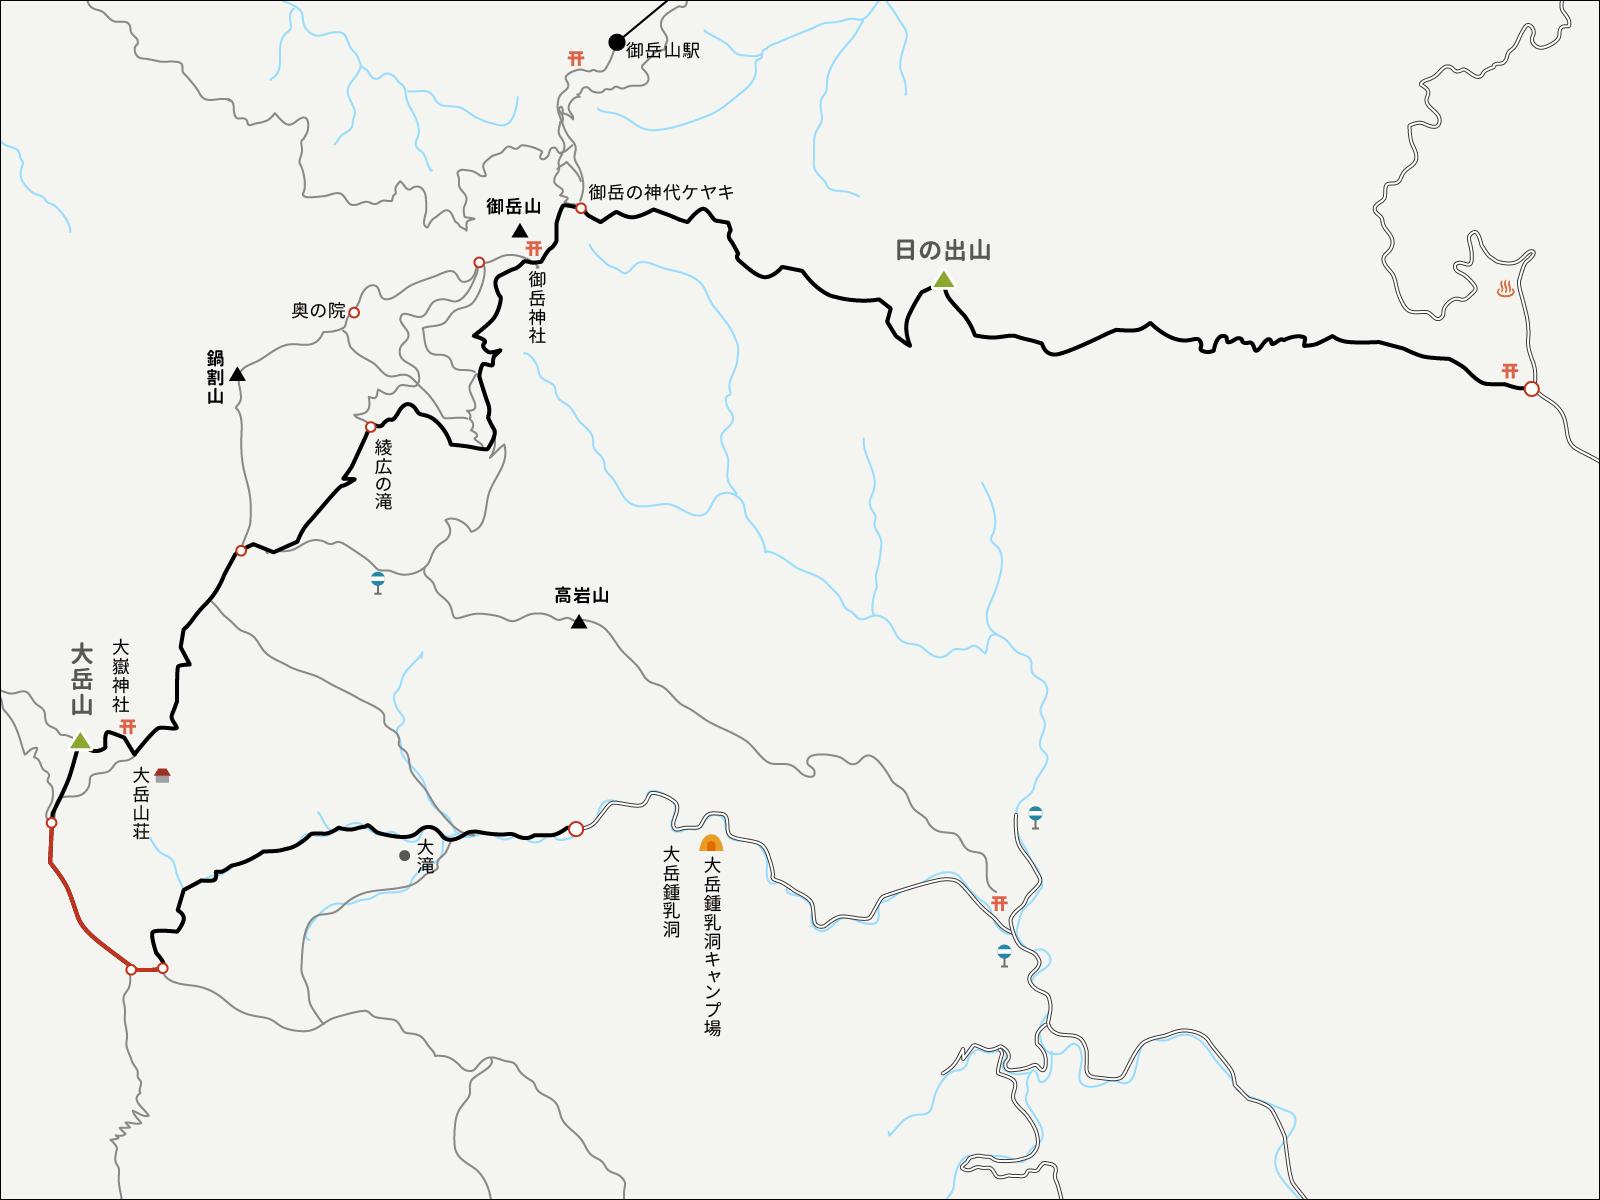 大岳鍾乳洞コースイラストマップ3